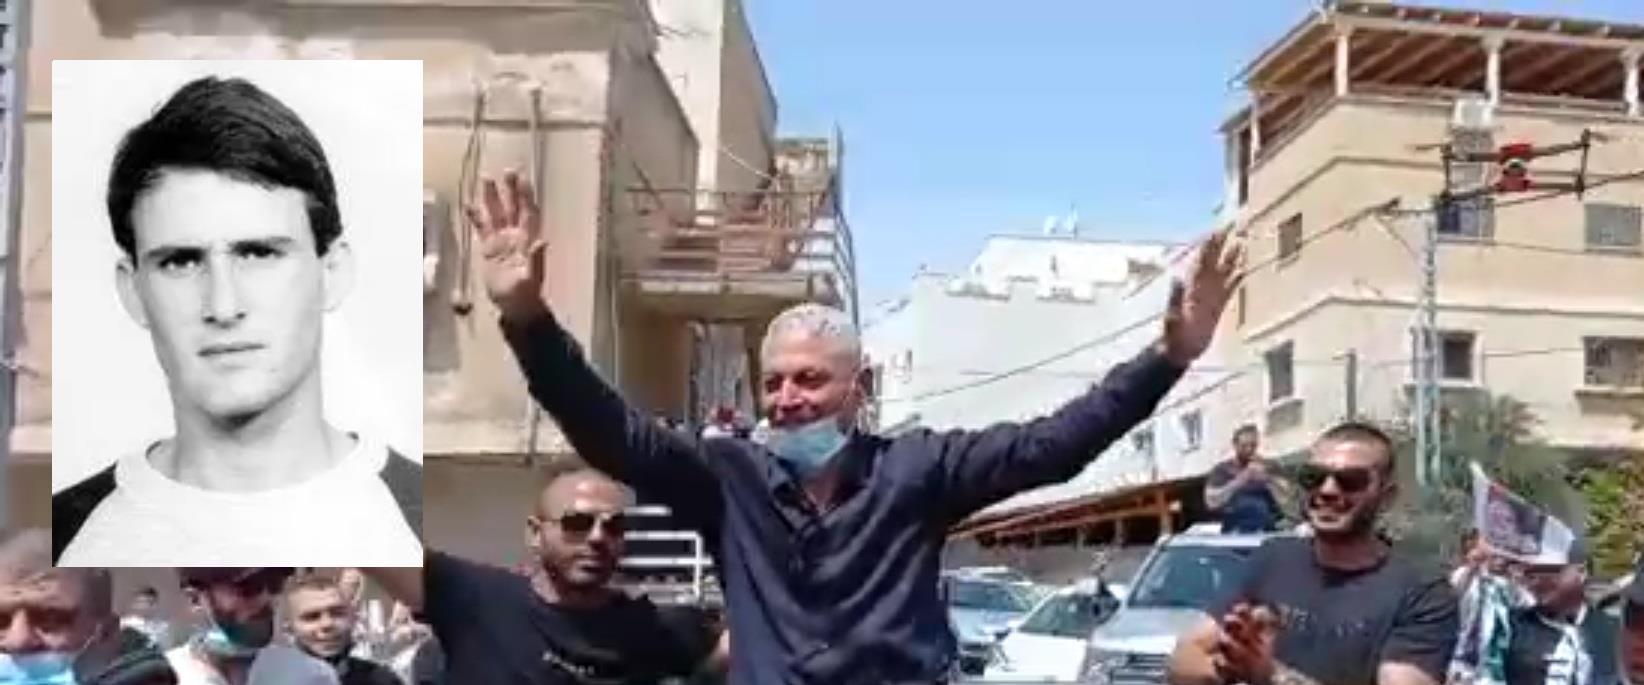 המחבל רושדי אבו-מוך, היום